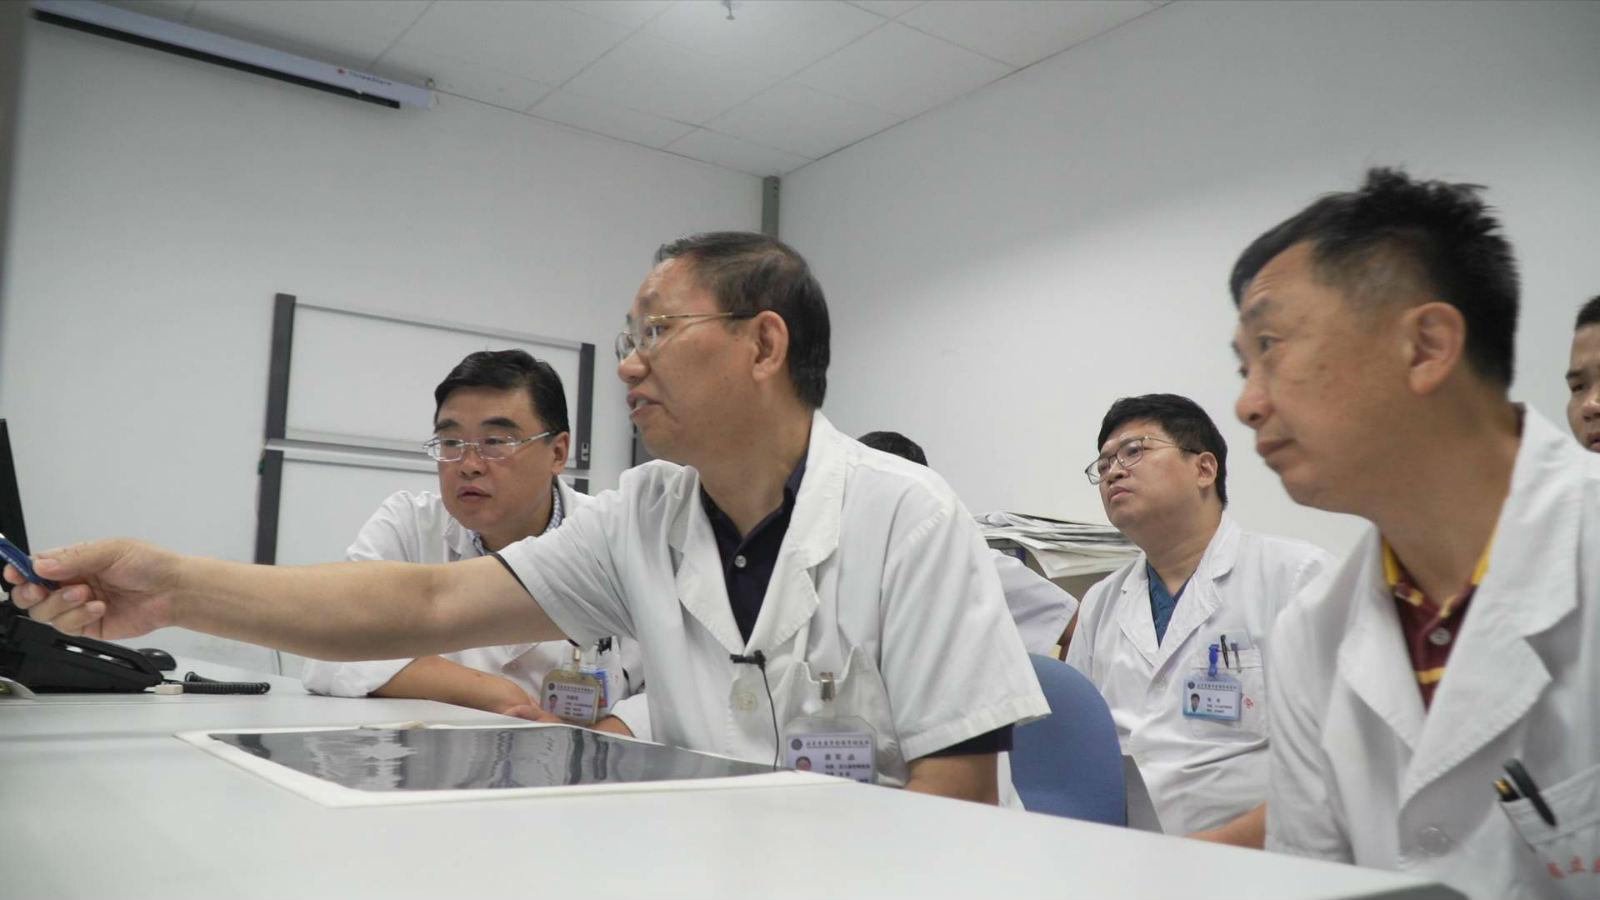 阻断肝癌血供 八旬老人重获新生